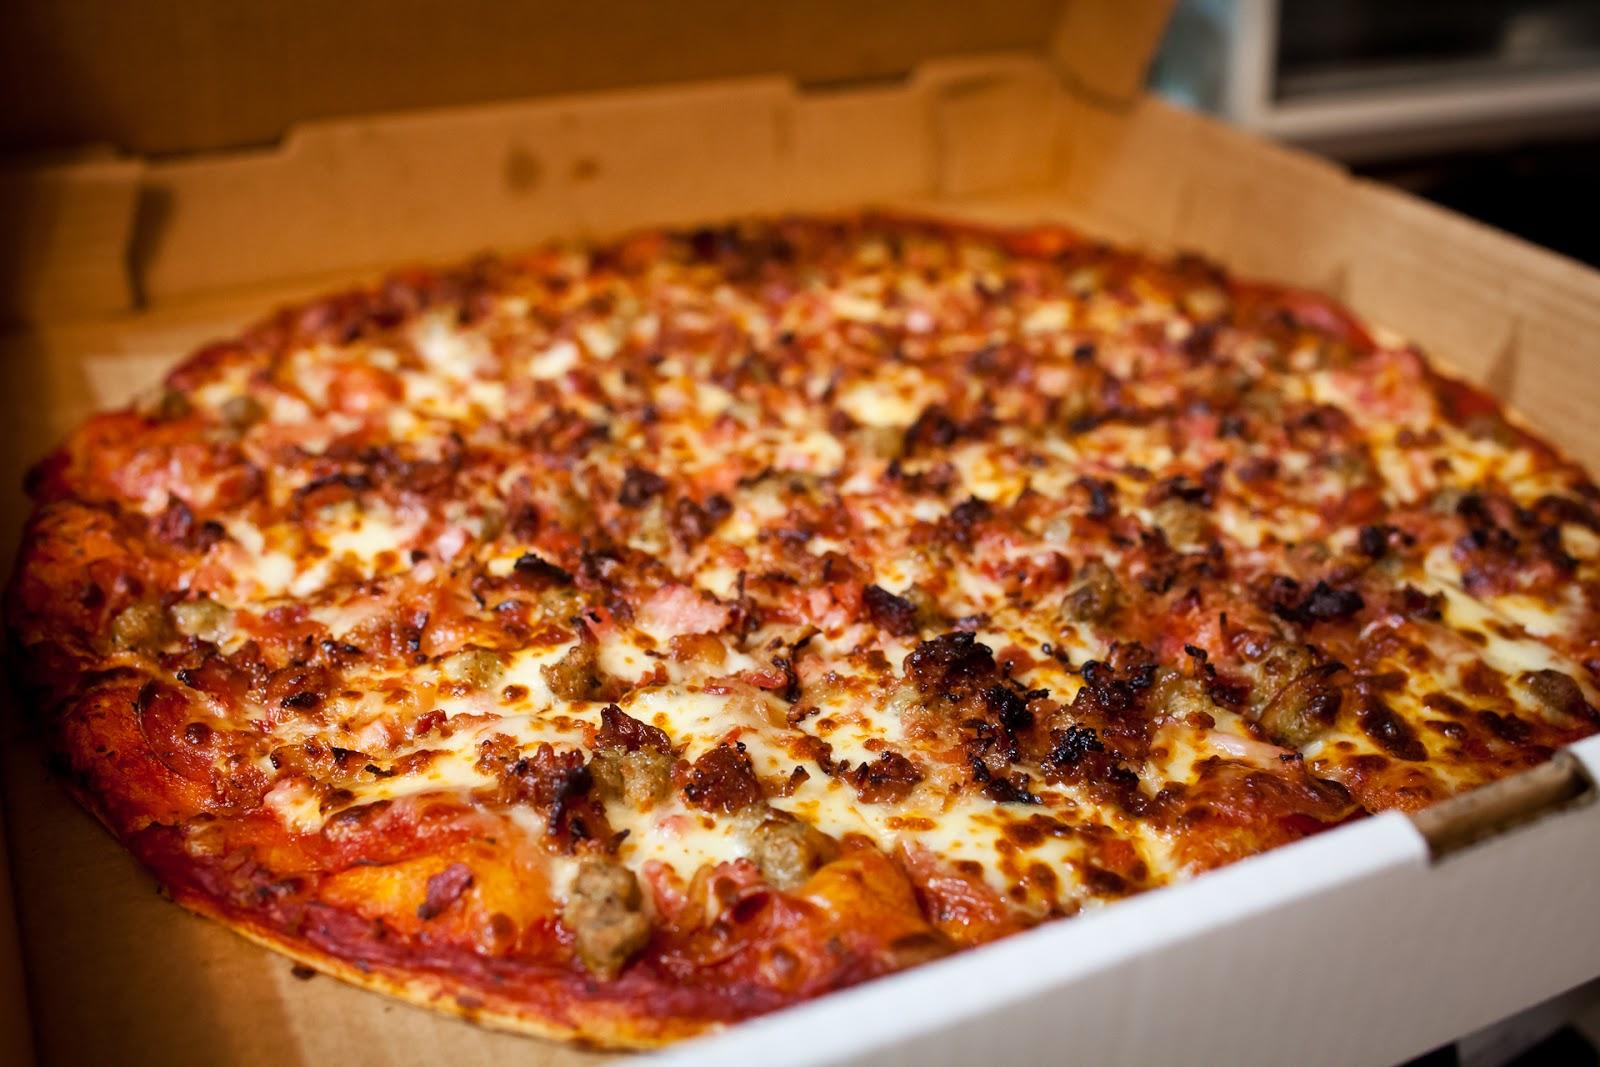 دانلود رایگان قالب جعبه پیتزا